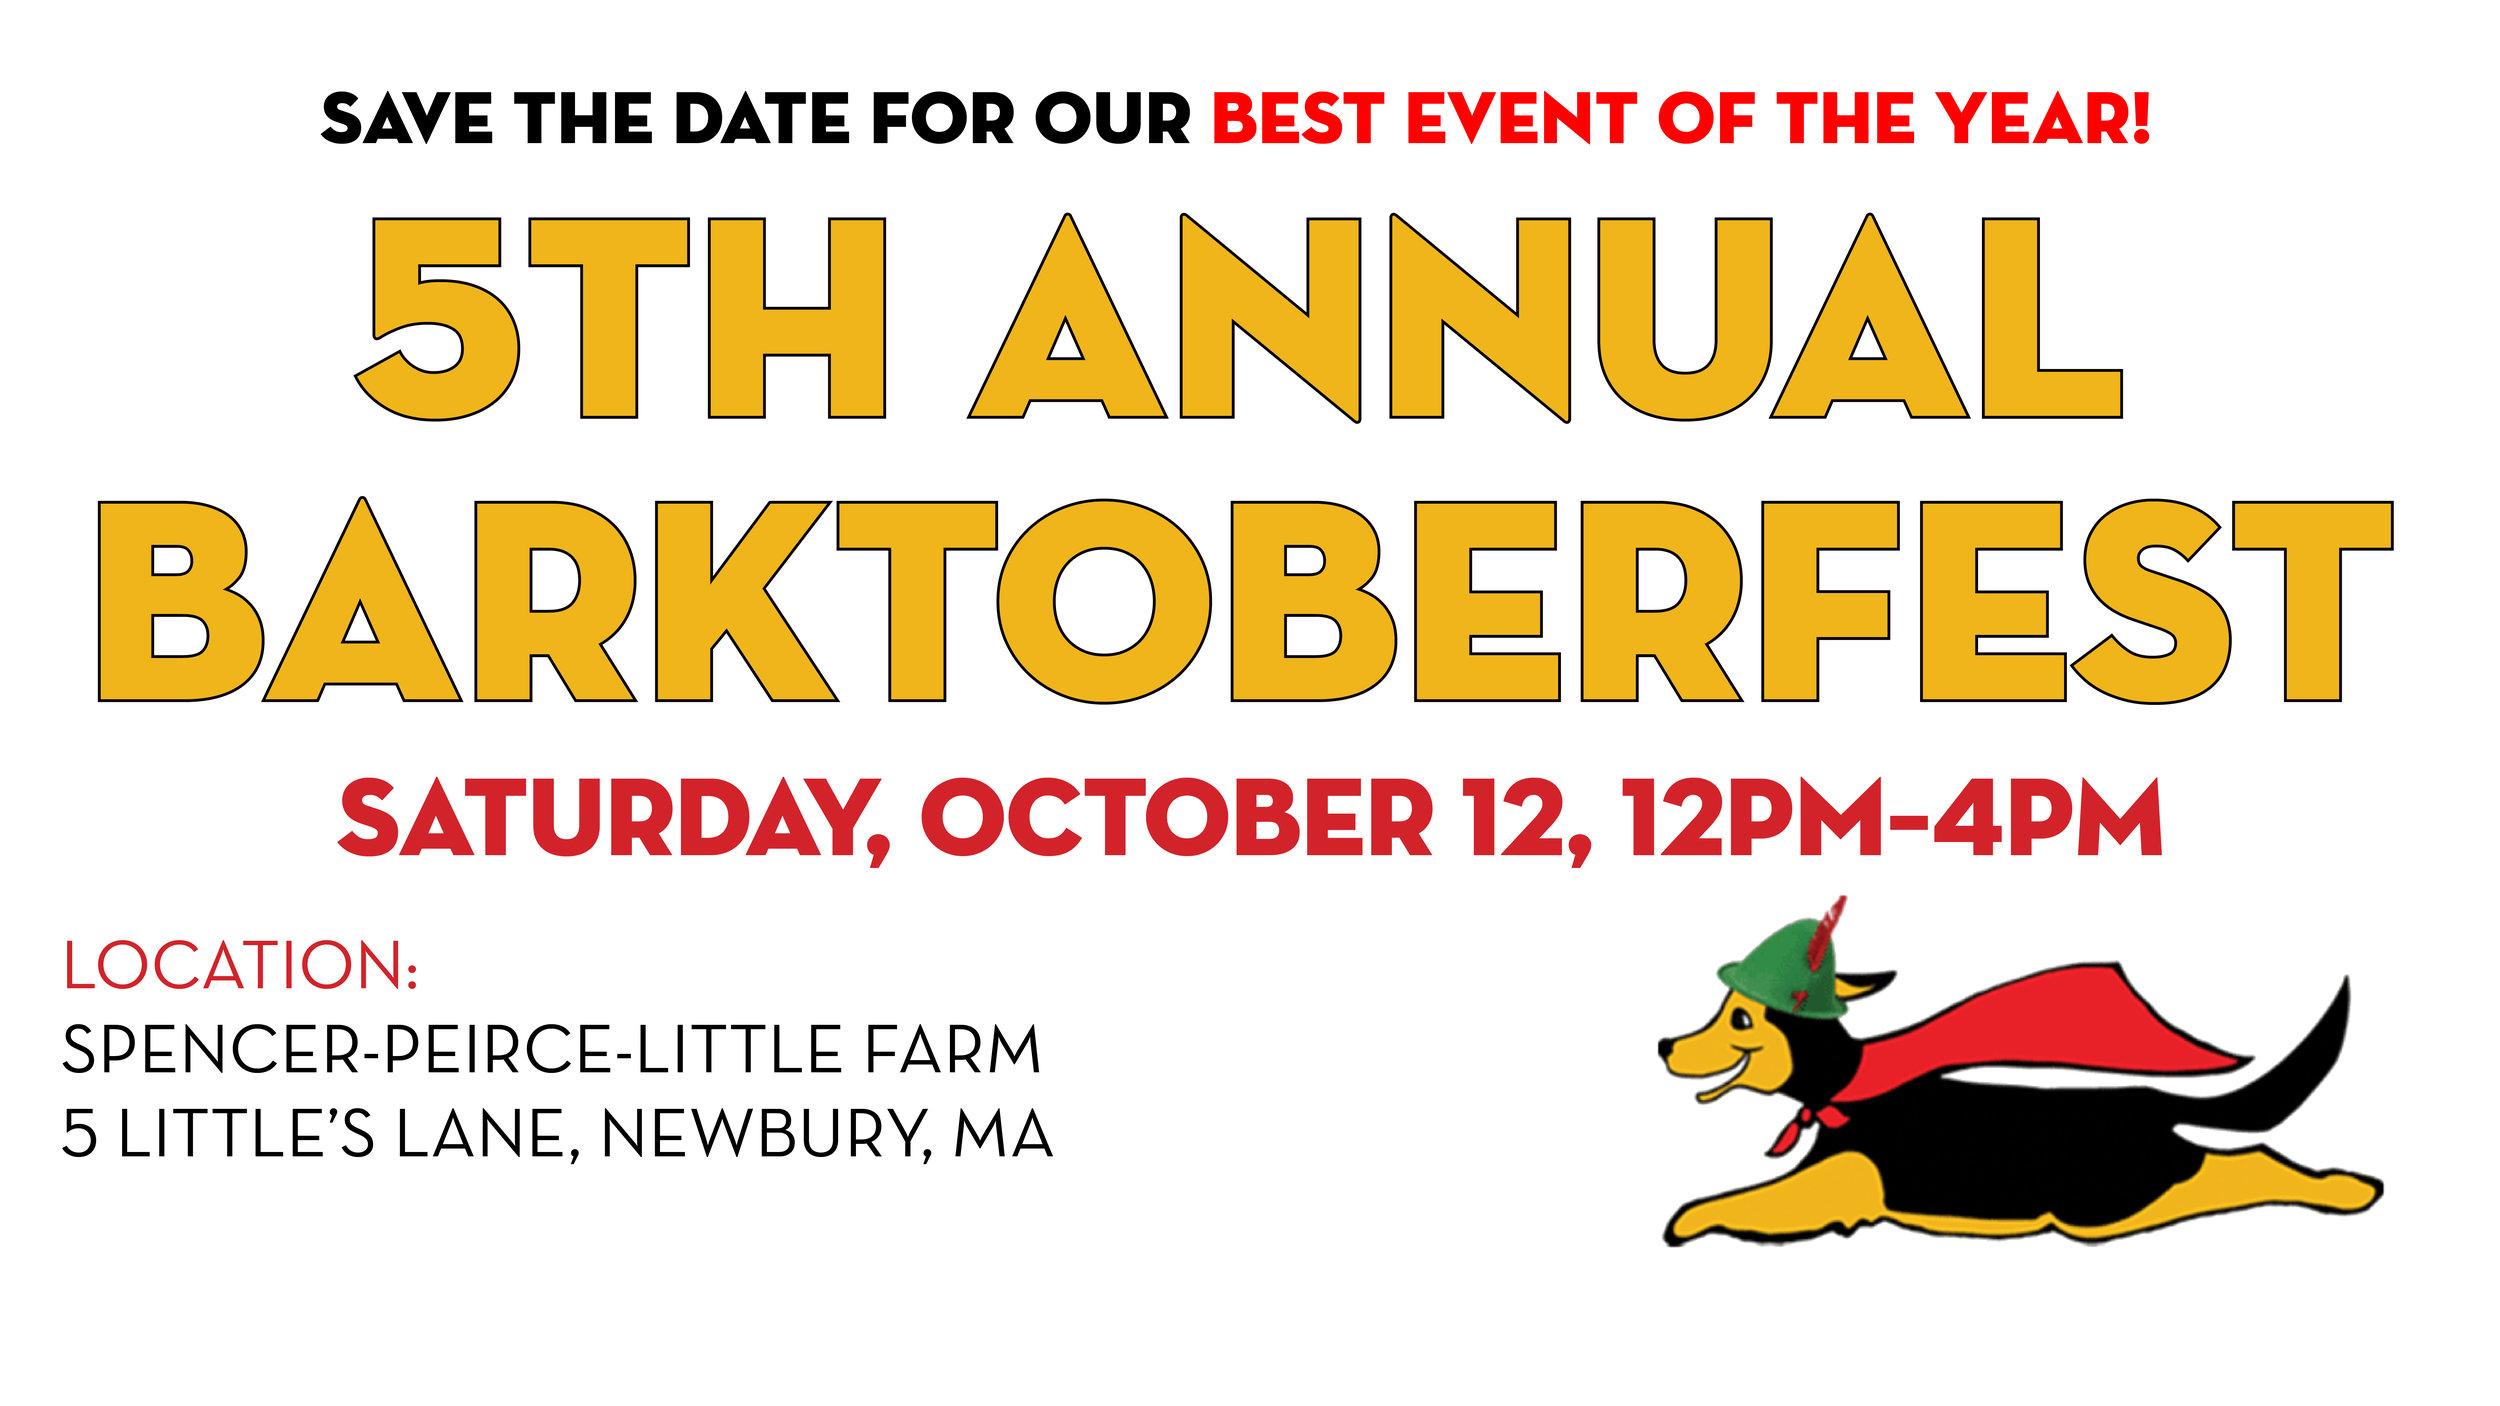 fb barktoberfest-2019-banner.jpg